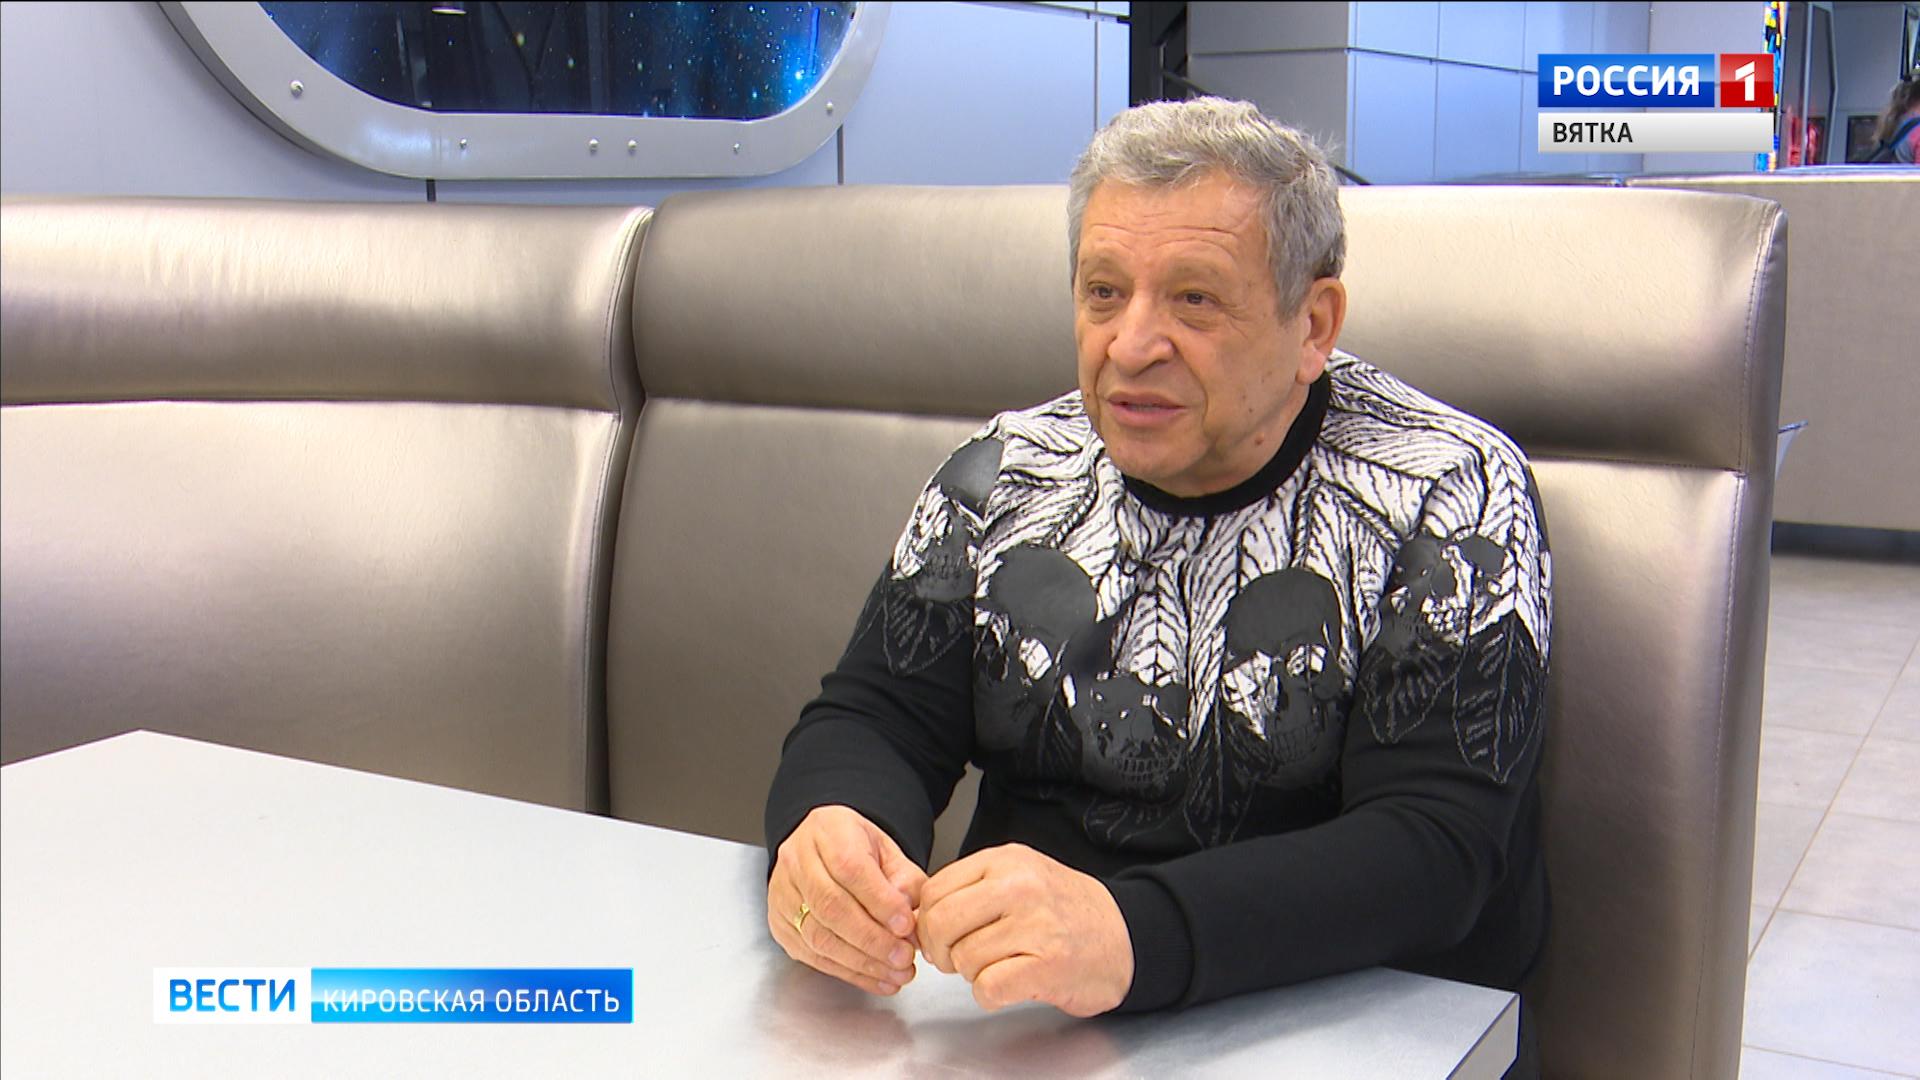 Борис Грачевский рассказал в интервью ГТРК «Вятка», что любил жизнь